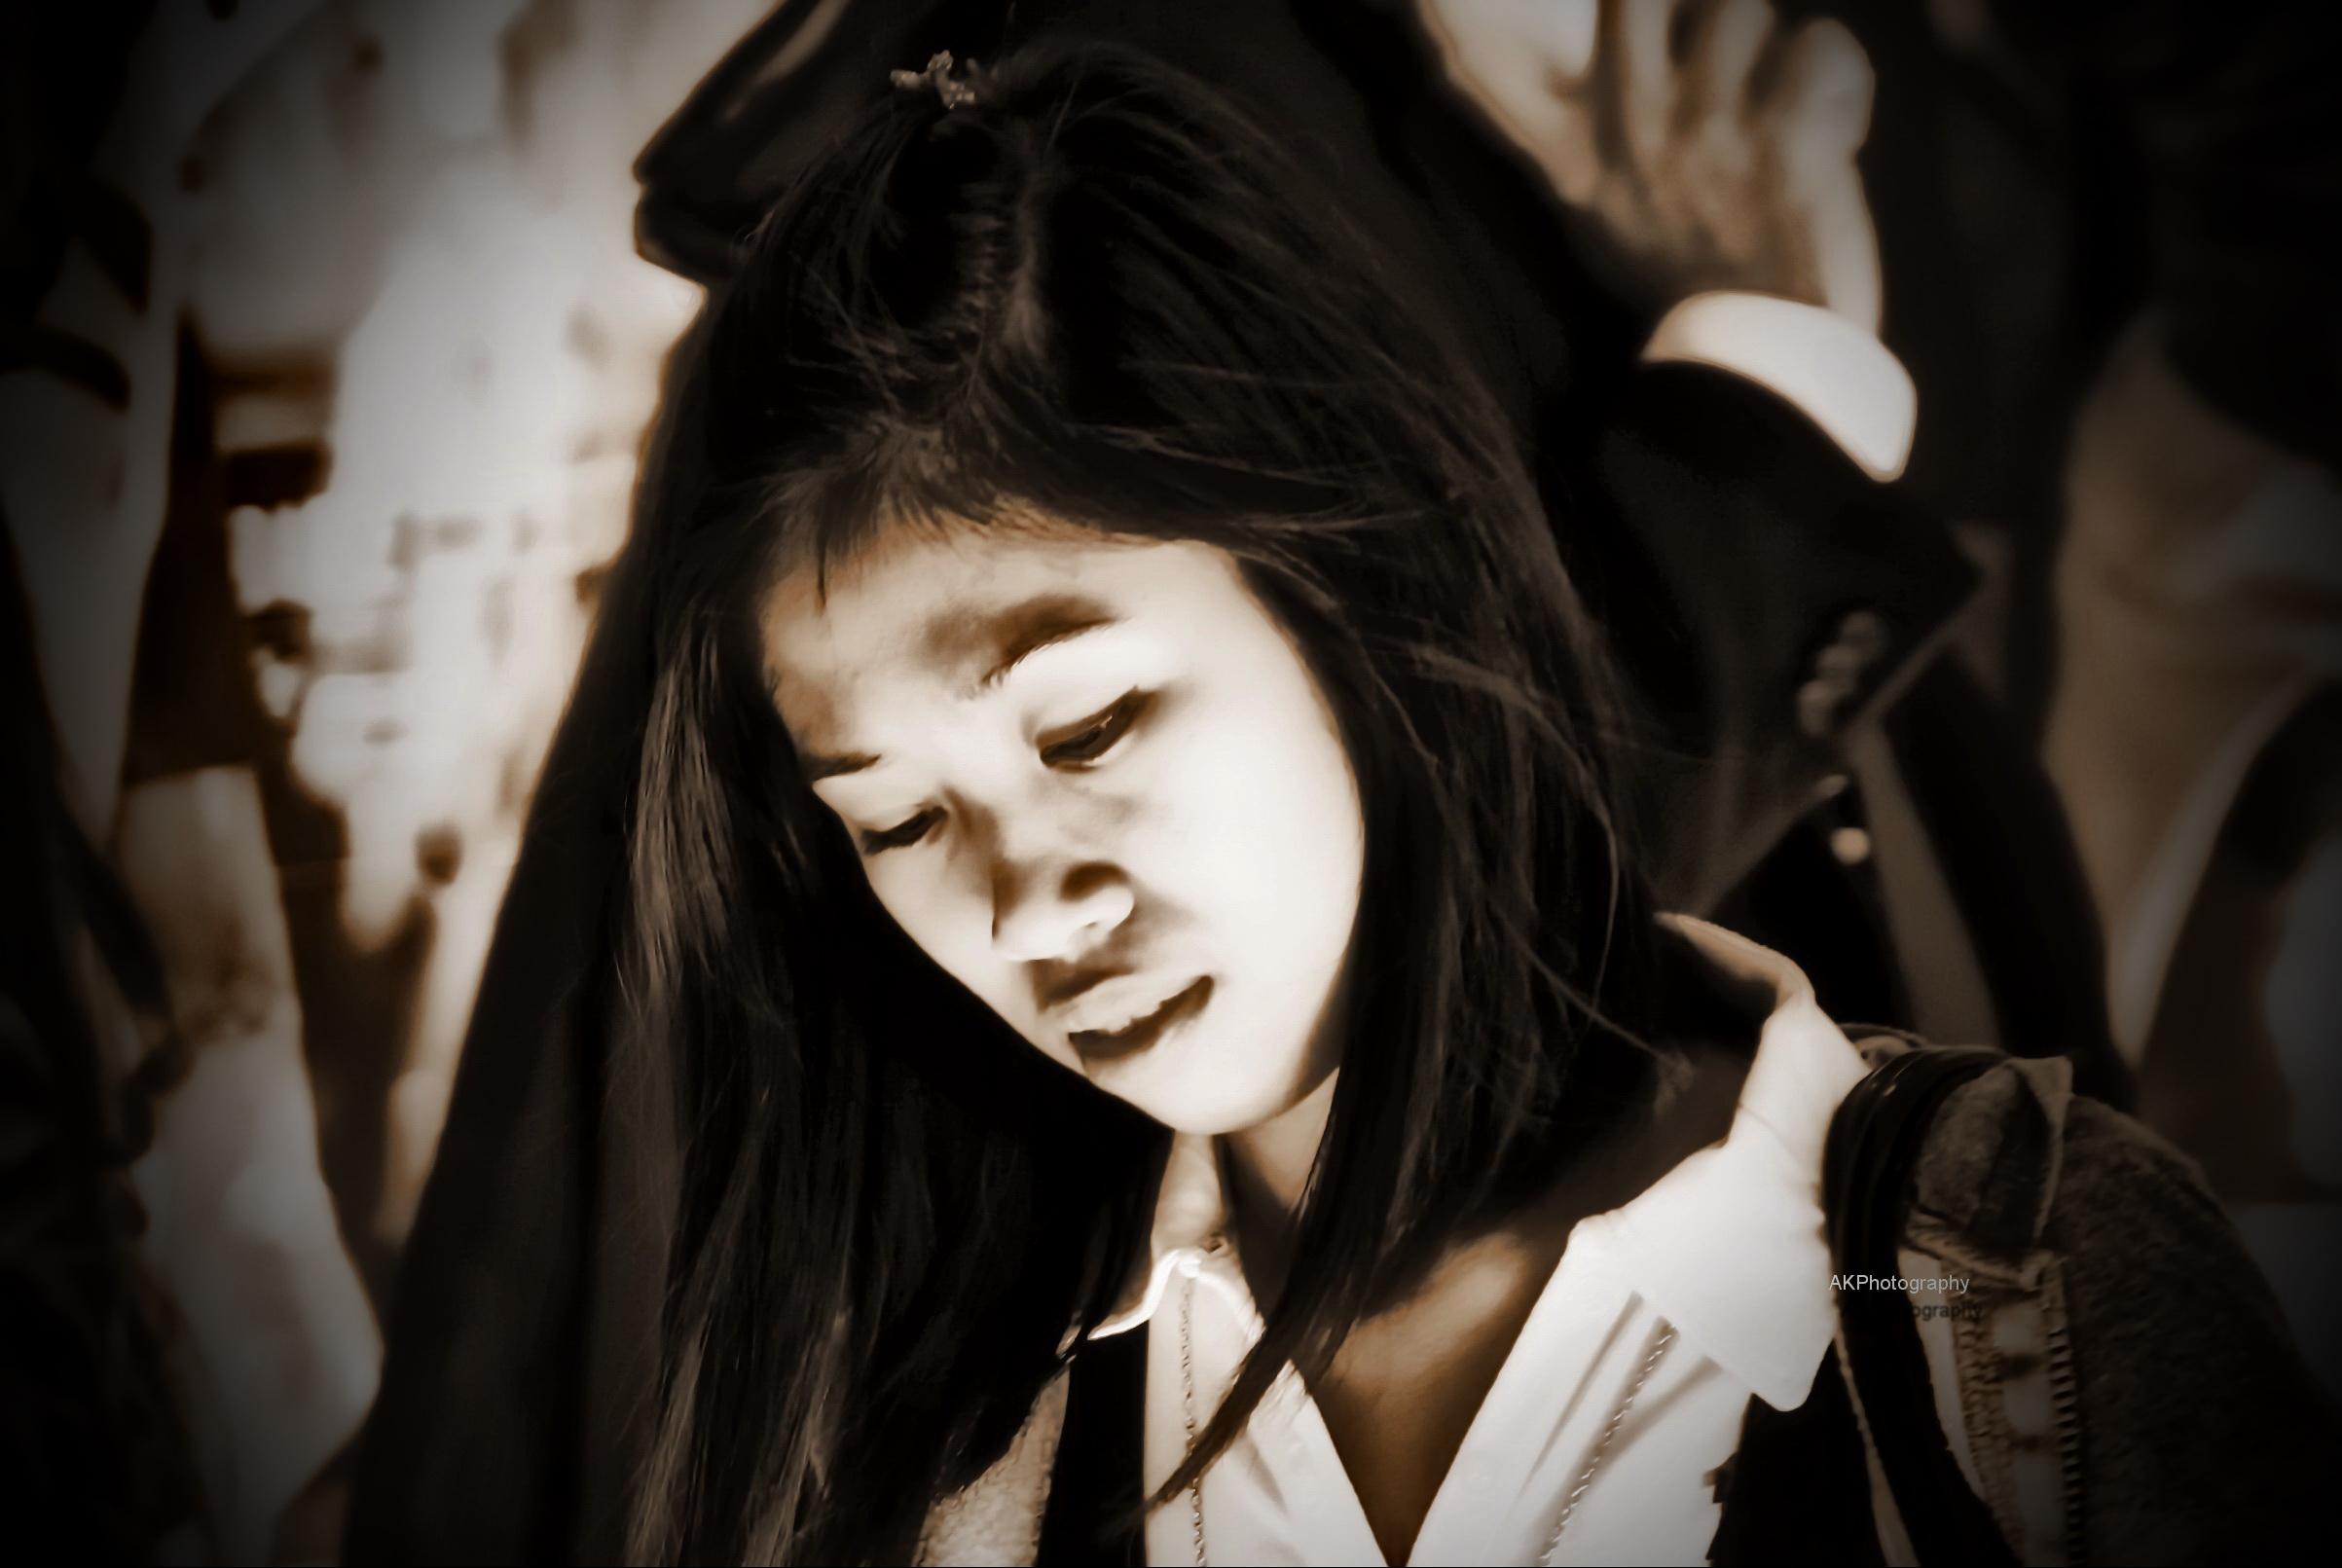 Asiengirl